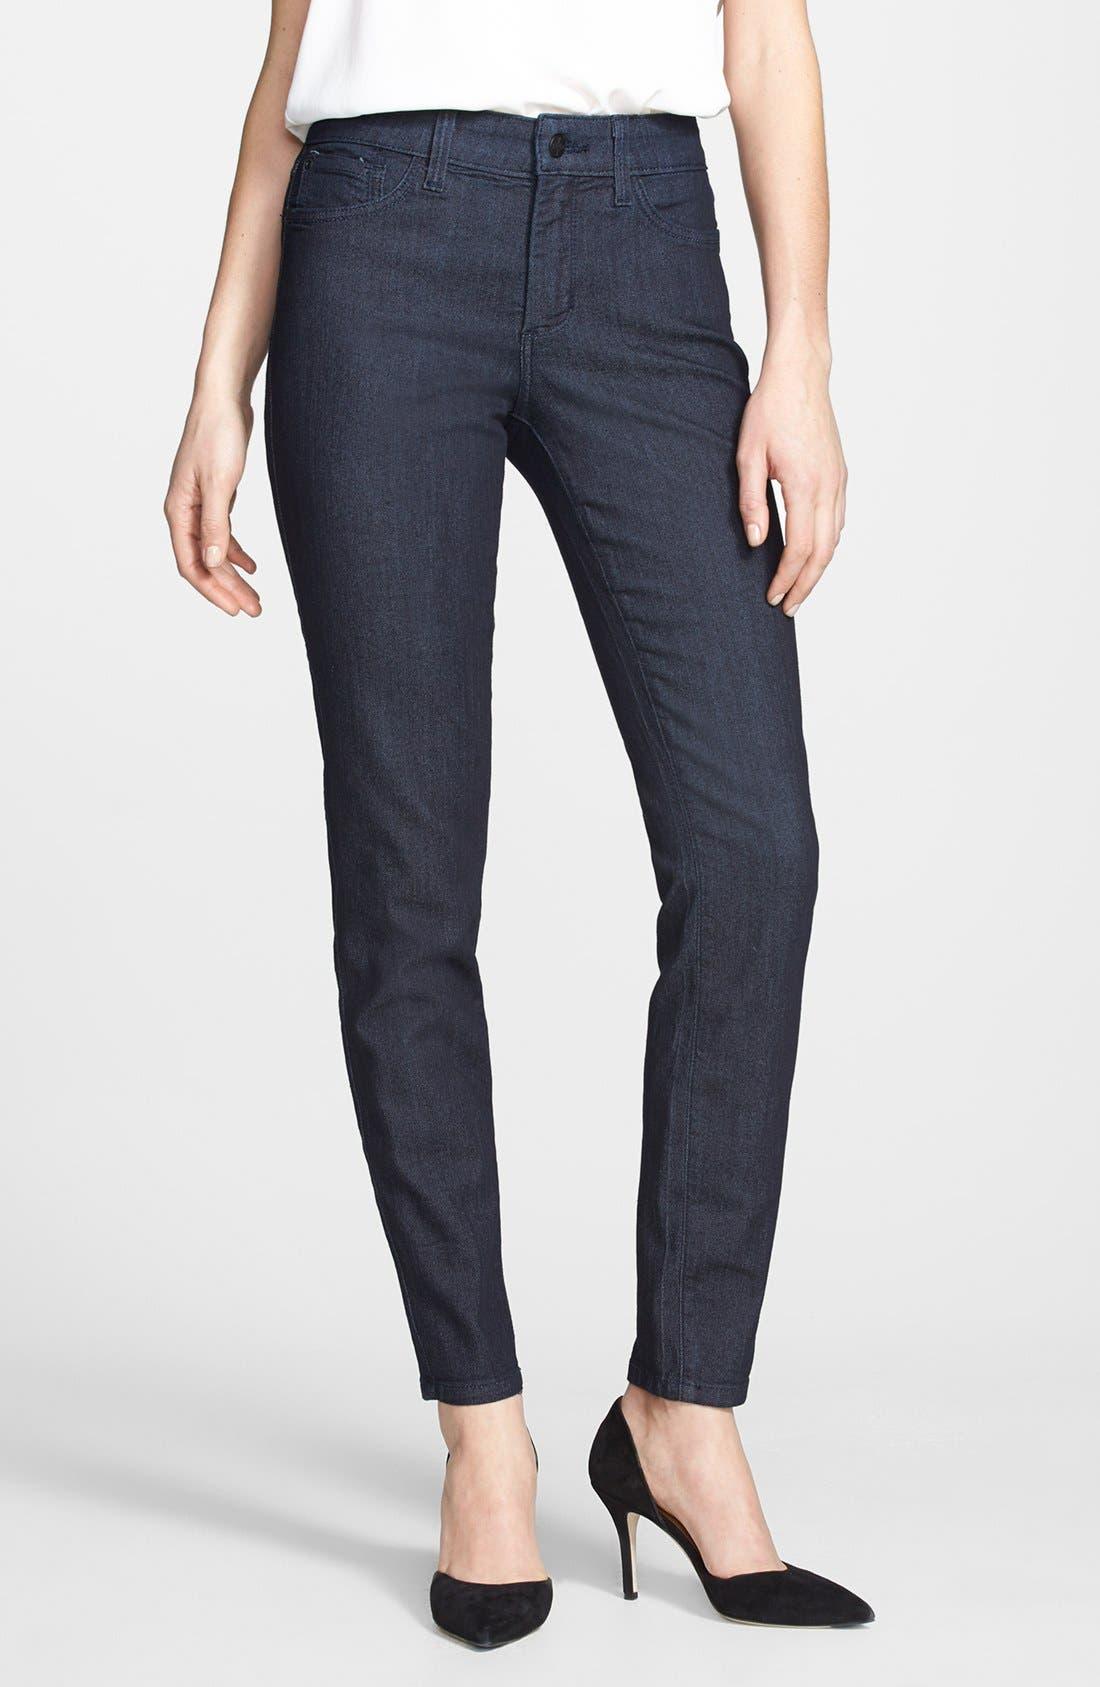 Main Image - NYDJ 'Ami' Tonal Stitch Stretch Skinny Jeans (Dark Enzyme) (Regular & Petite)